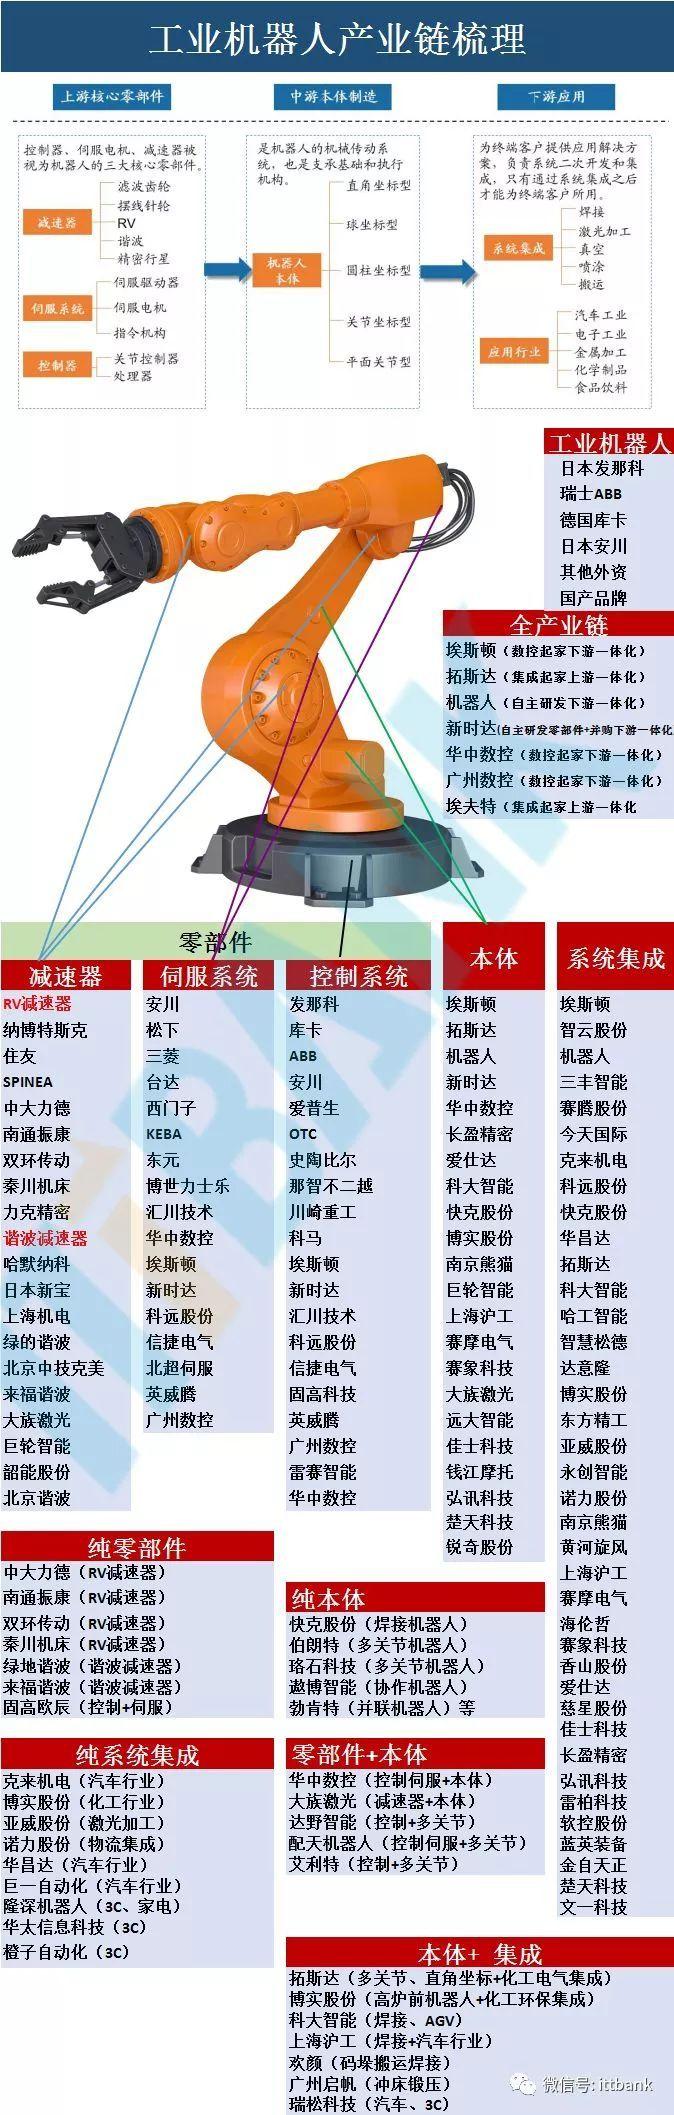 """减速电机12v,助力中国""""智""""造它功不可没!详细梳理全球工业机器人产业链_减速器"""